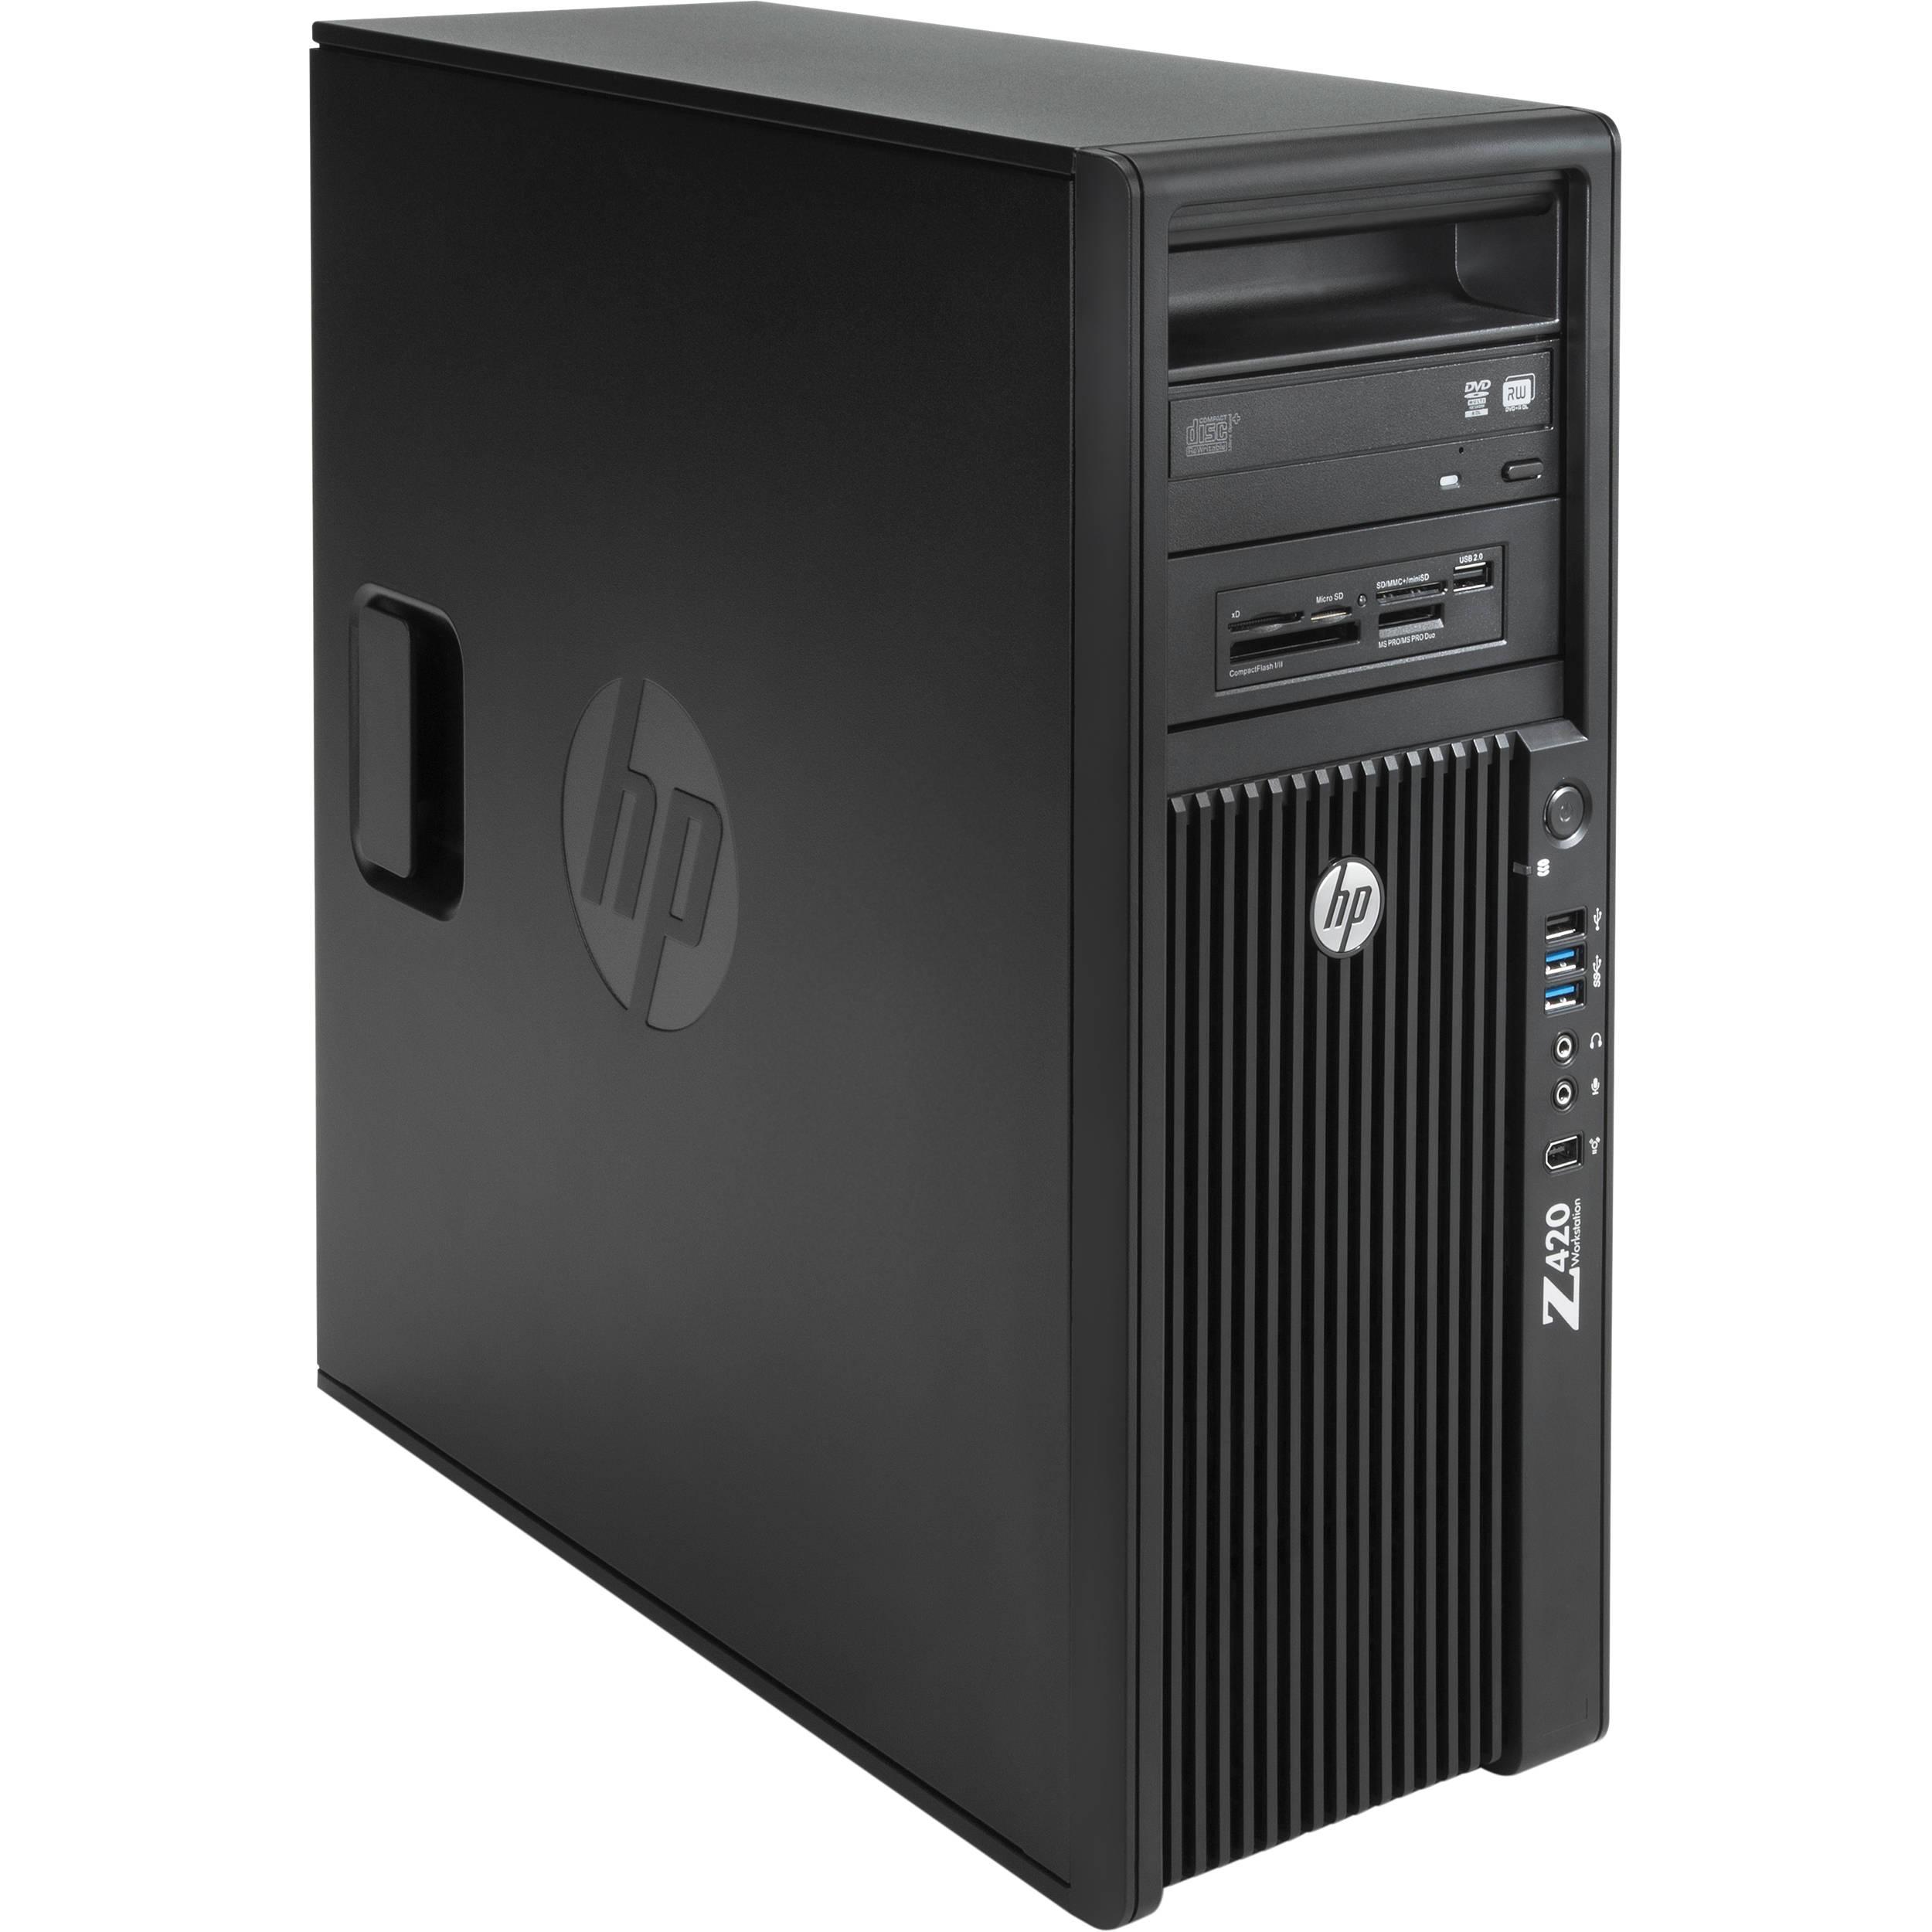 Máy trạm HP Workstation Z420, lựa chọn tối ưu cho các công việc về thiết kế